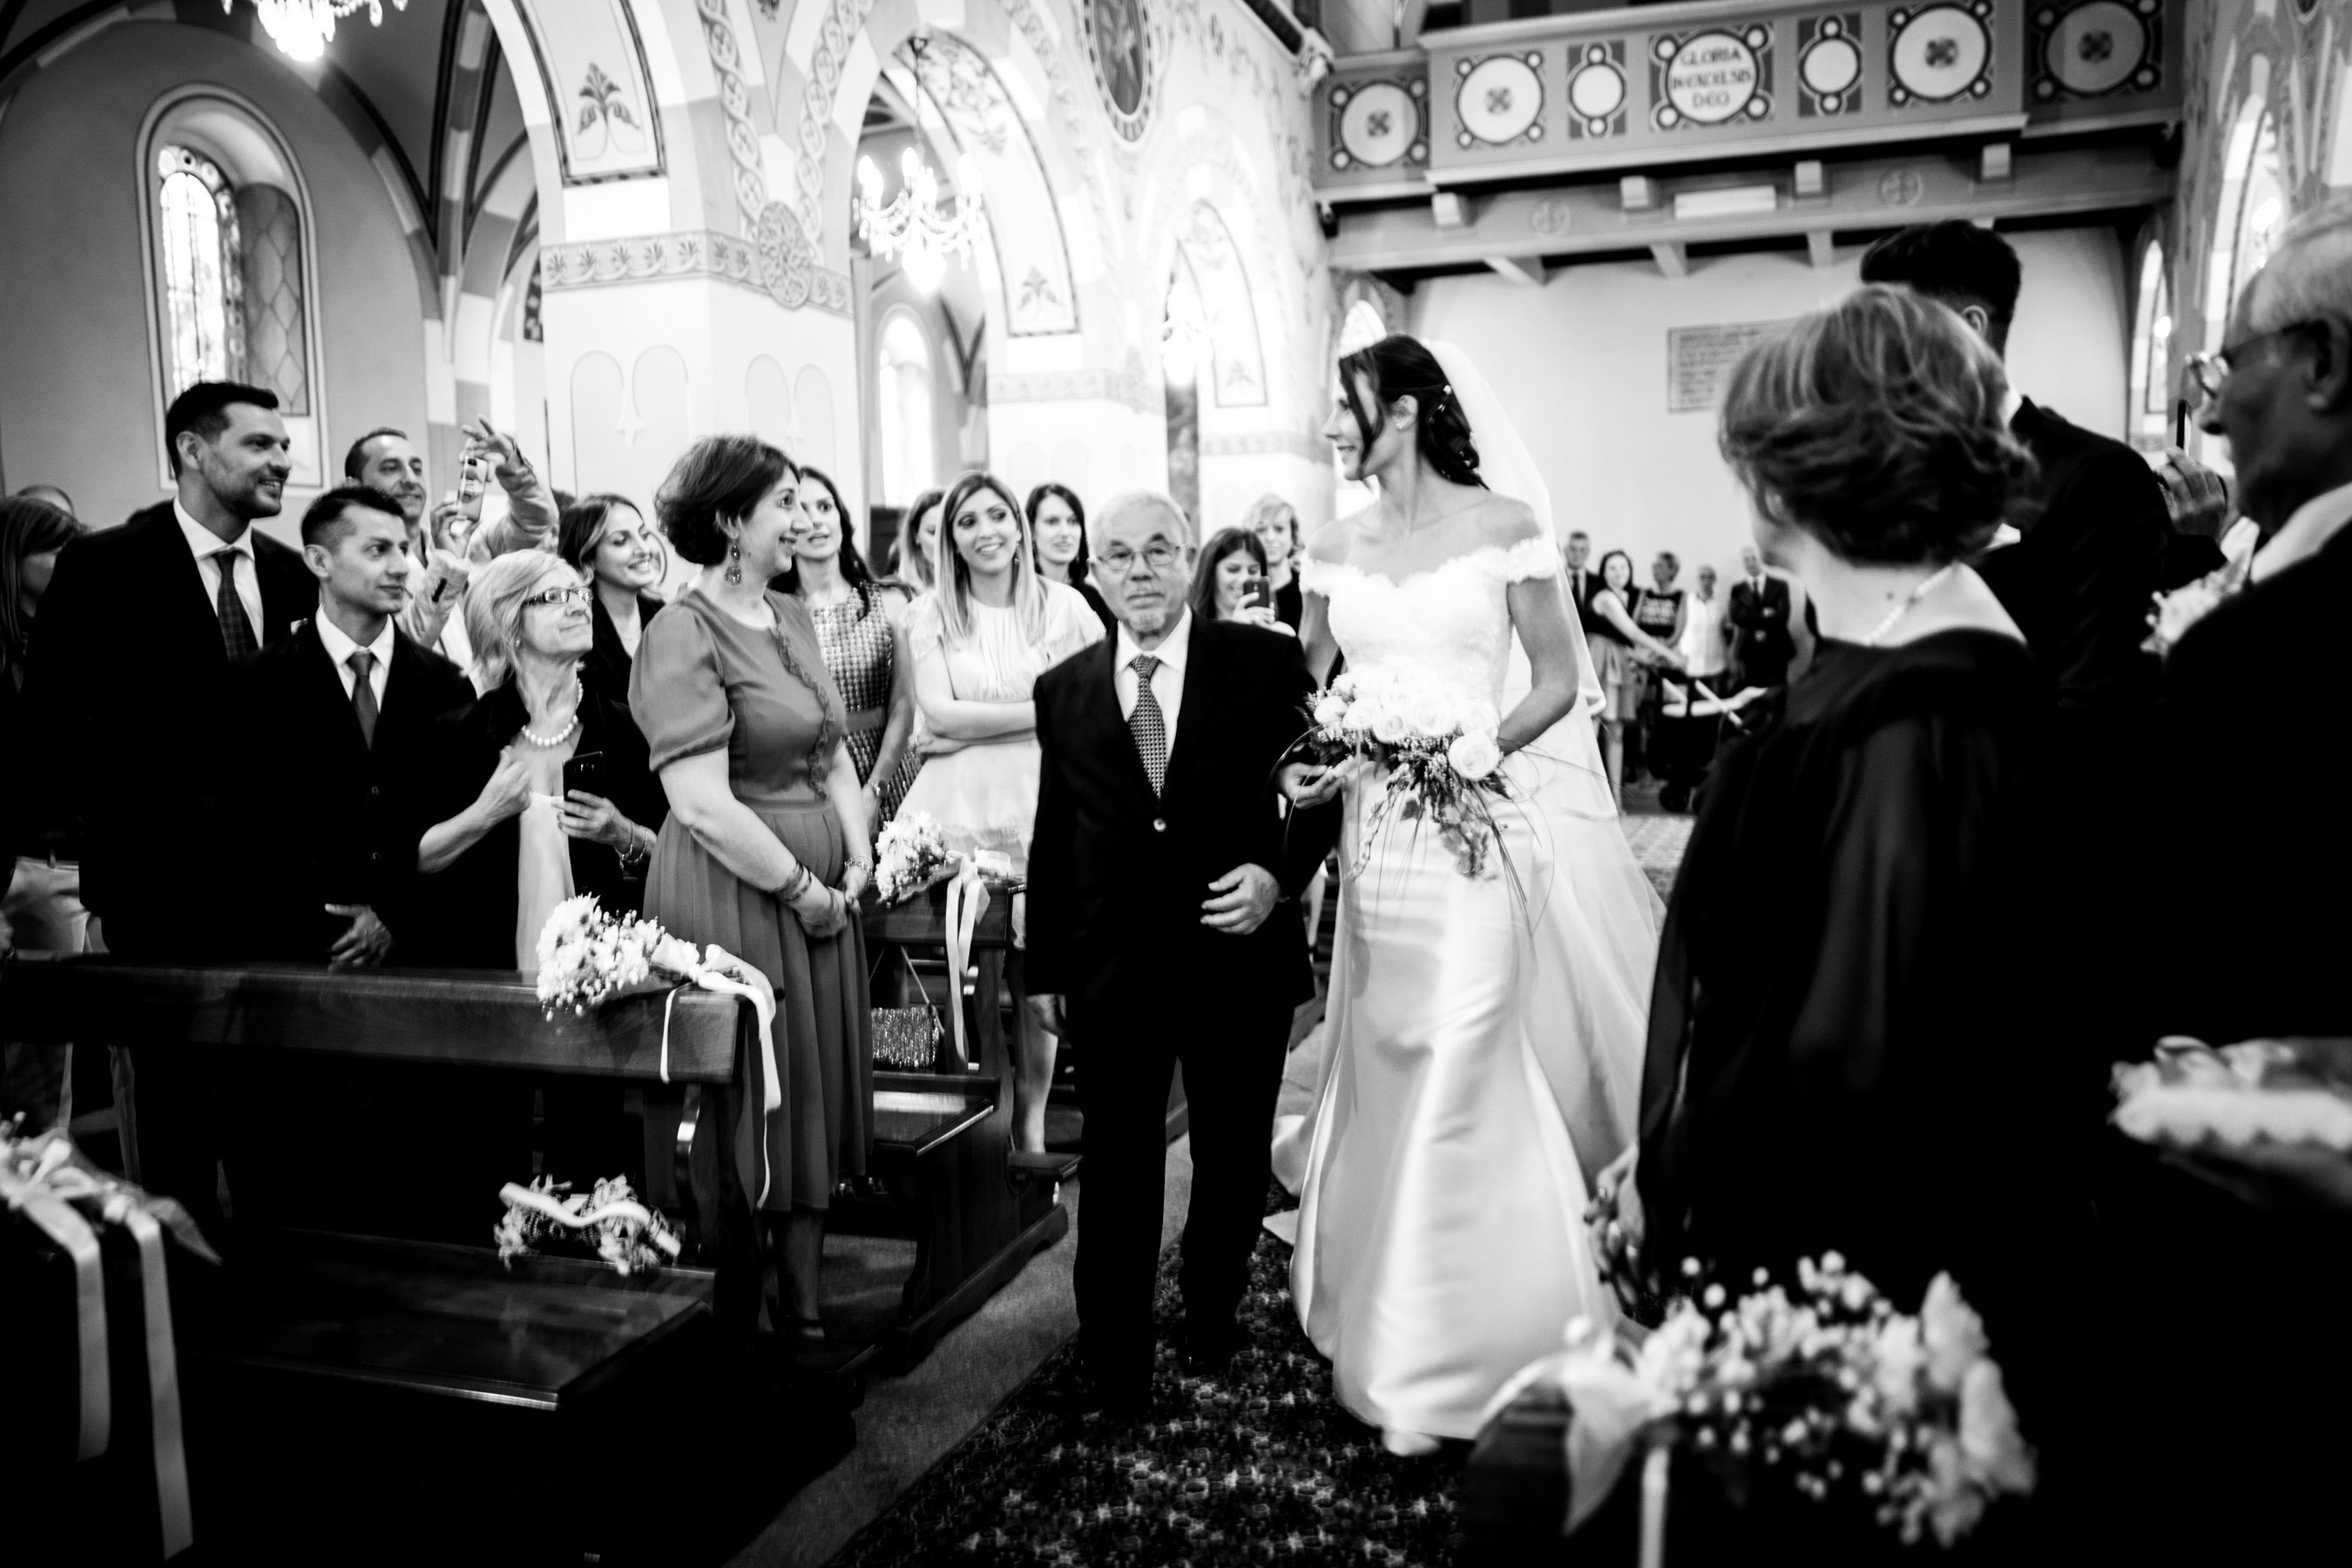 art foto_torino_monica sica photography_la vià _cavour_ fotografo matrimonio_torino-24